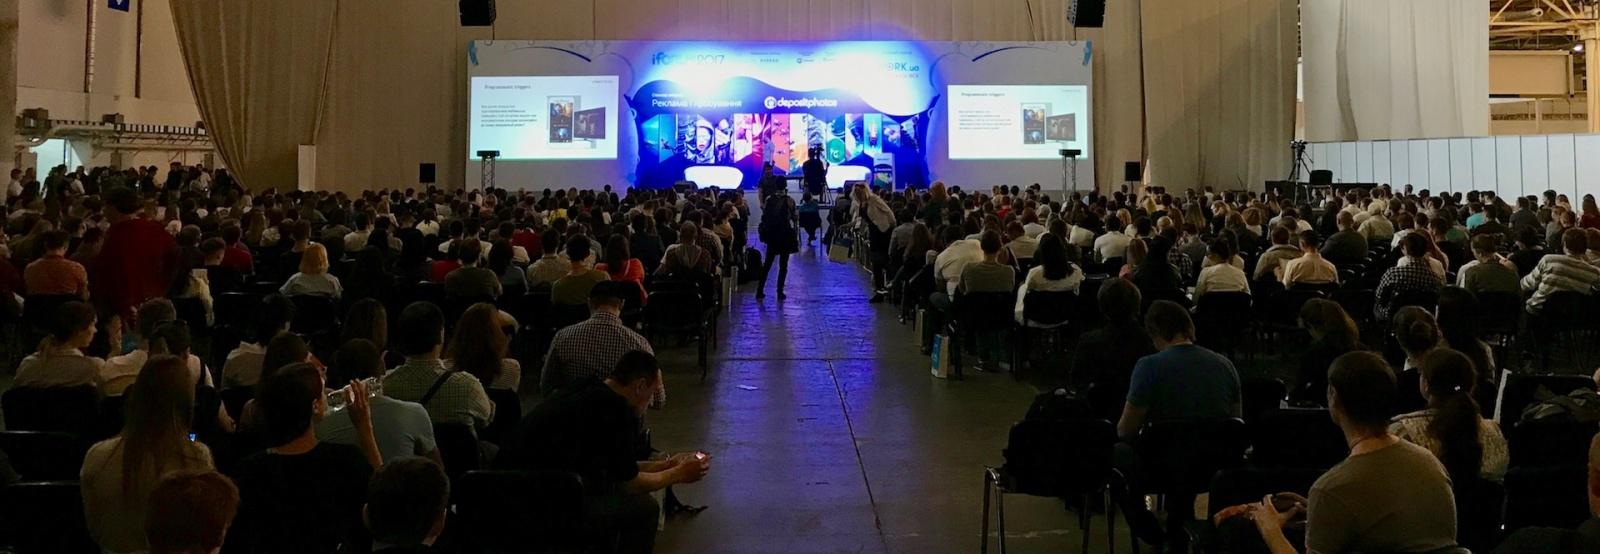 Большое ИТ-коммьюнити на конференции iForum 2017 (Киев) - 10